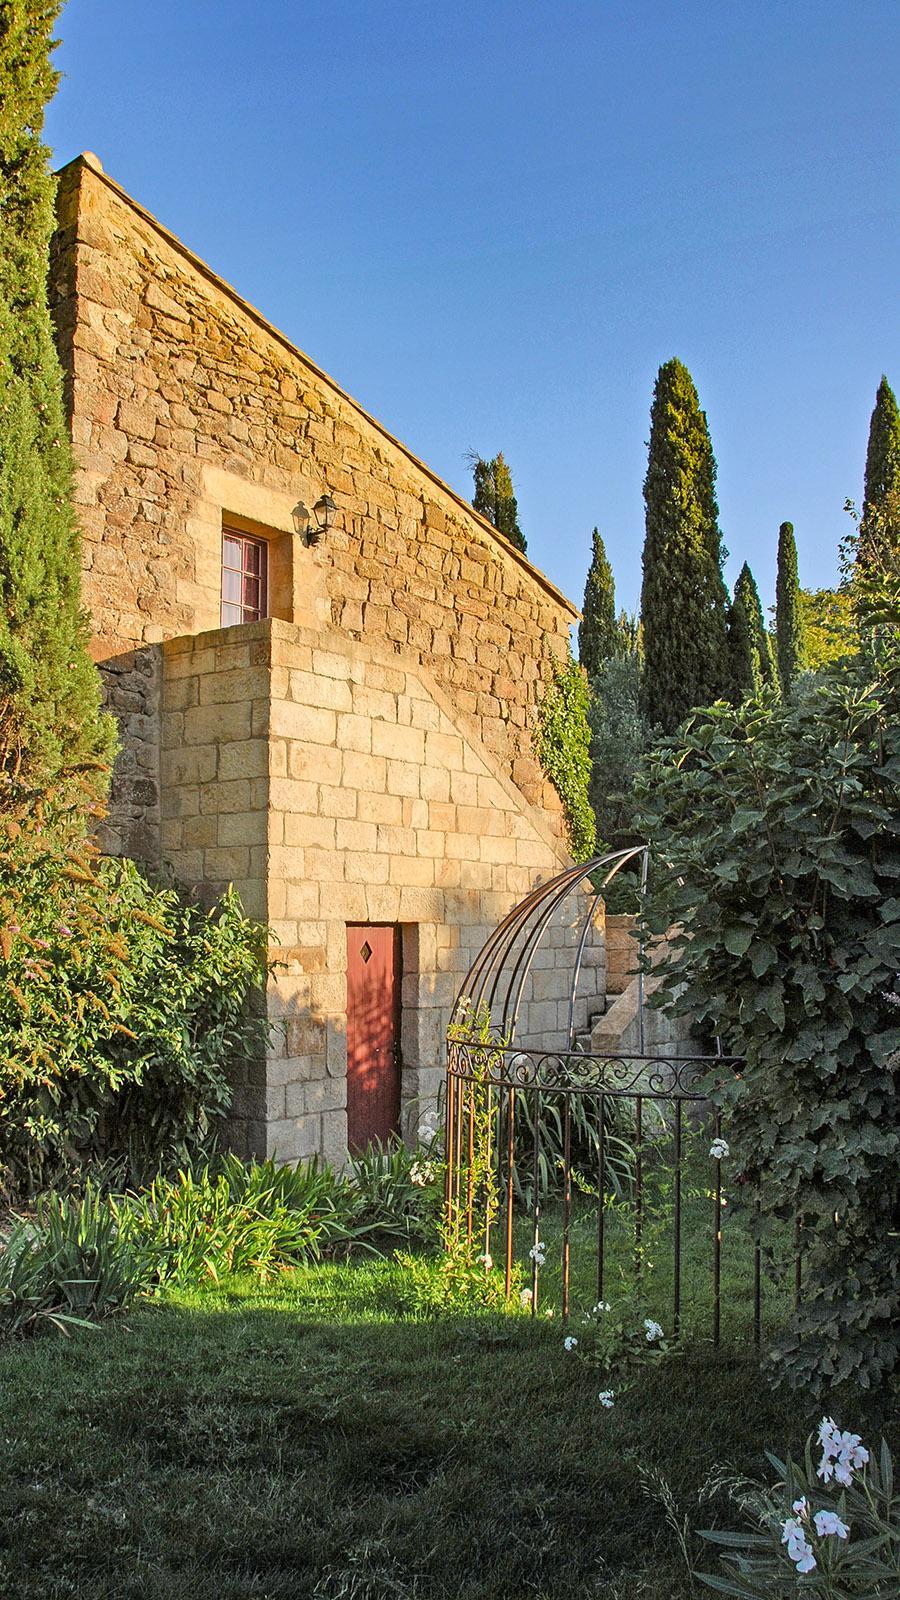 Der Gîte du moulin der Abtei Fontfroide. Foto: Hilke Maunder